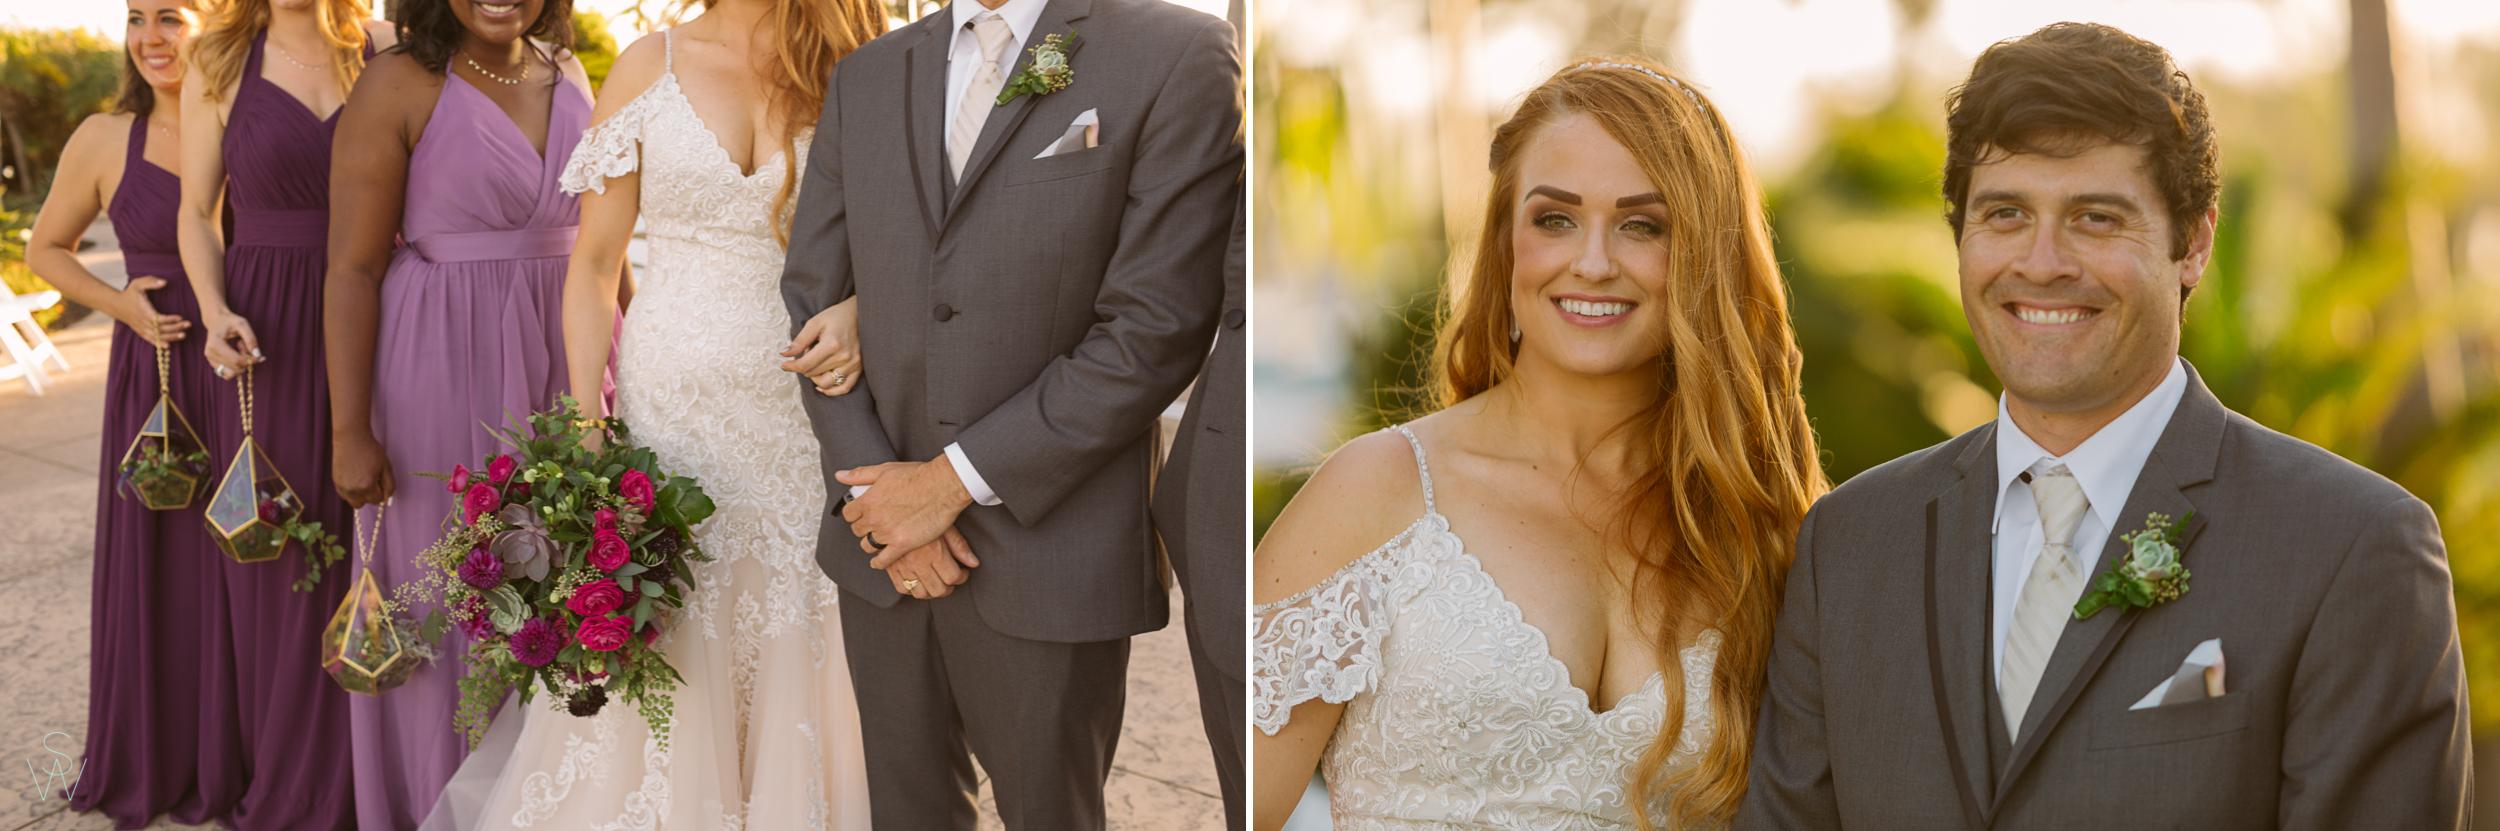 154San.diego.wedding.shewanders.photography.JPG